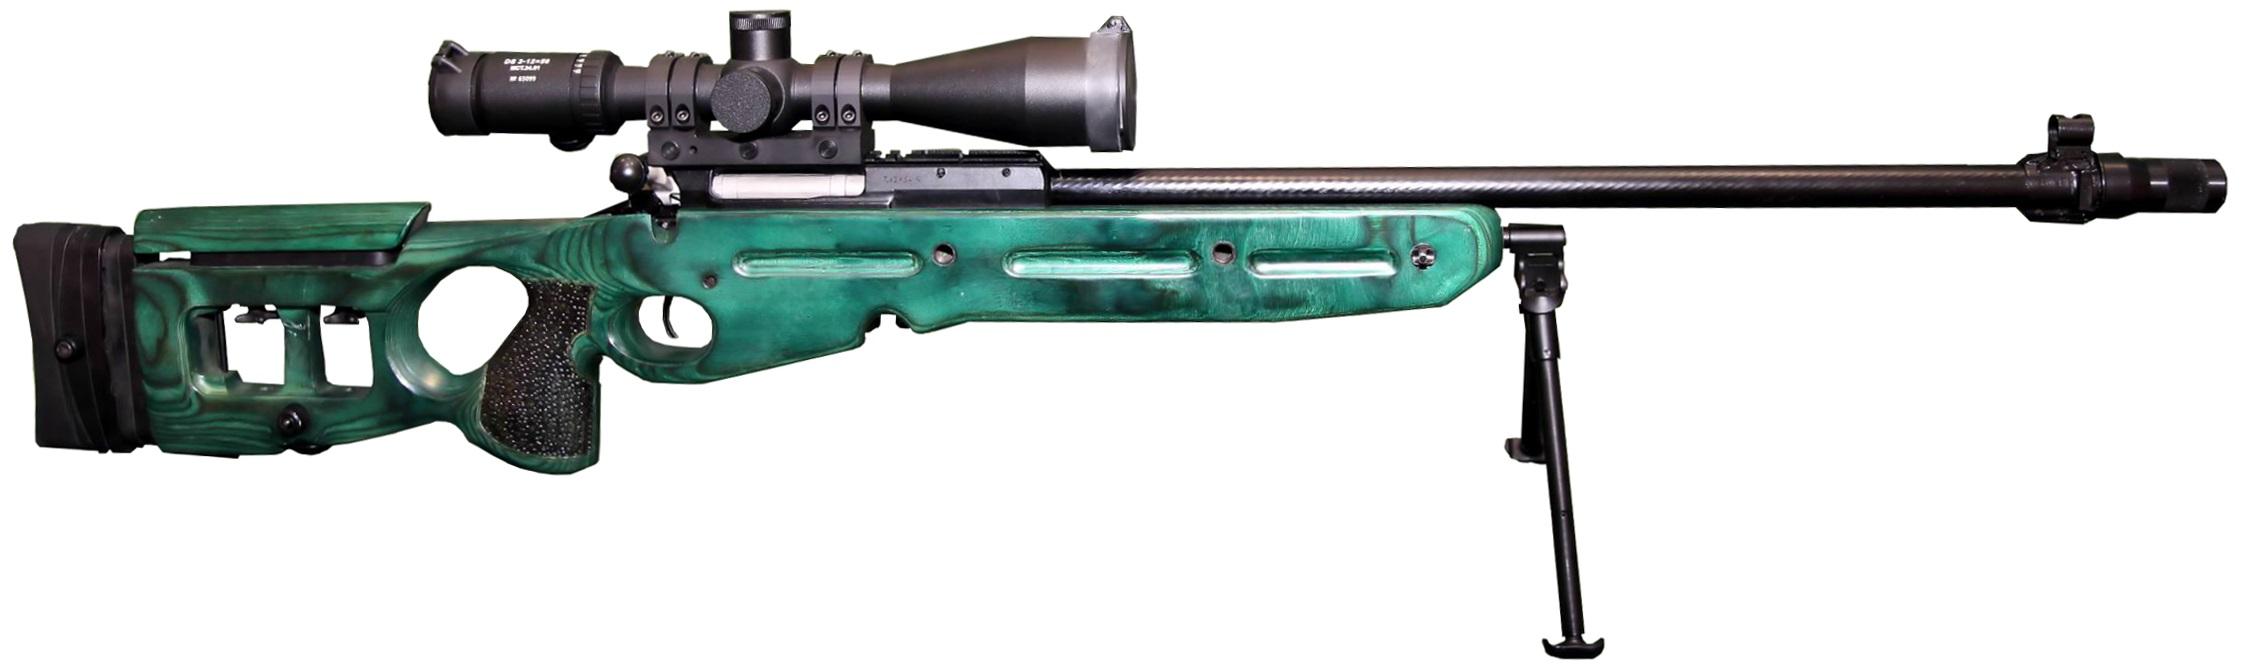 Liste des répliques de Snipers SV98